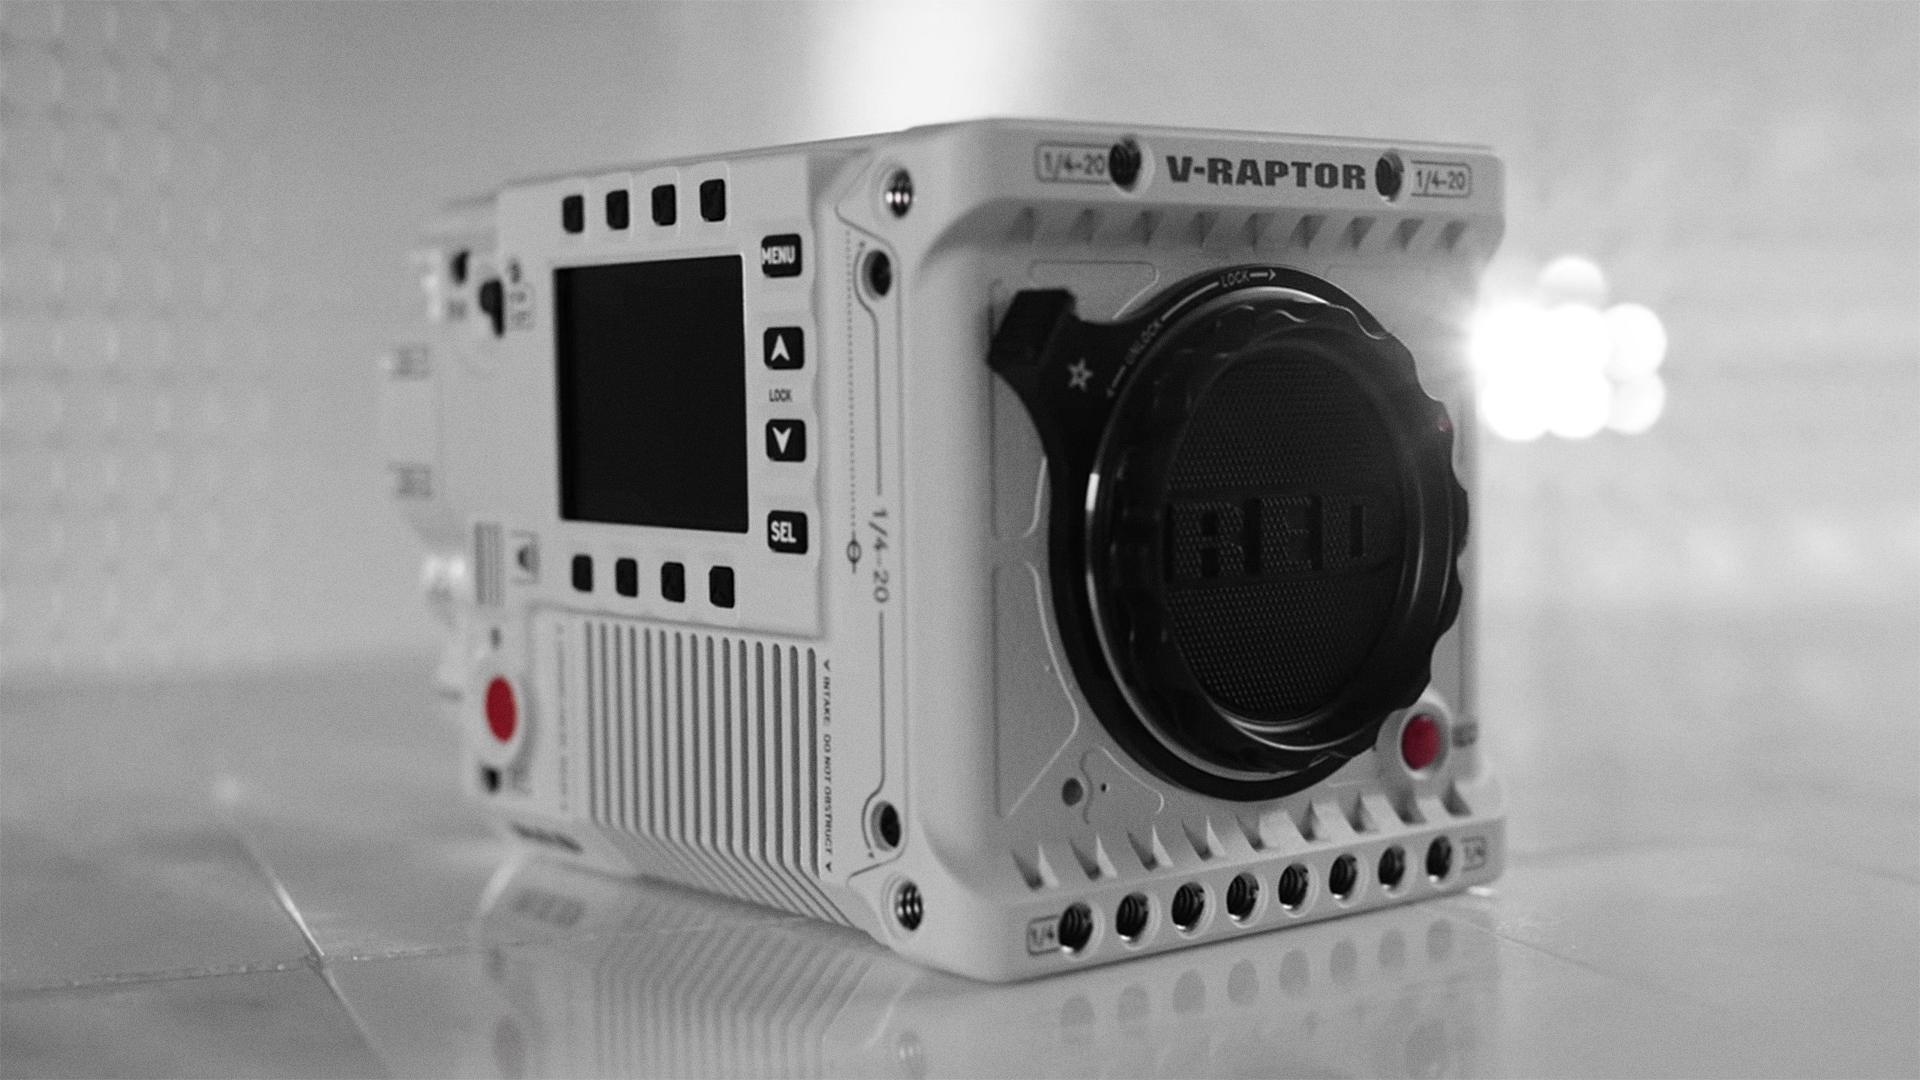 الإعلان عن كاميرا V-RAPTOR الجديدة كلياً من RED